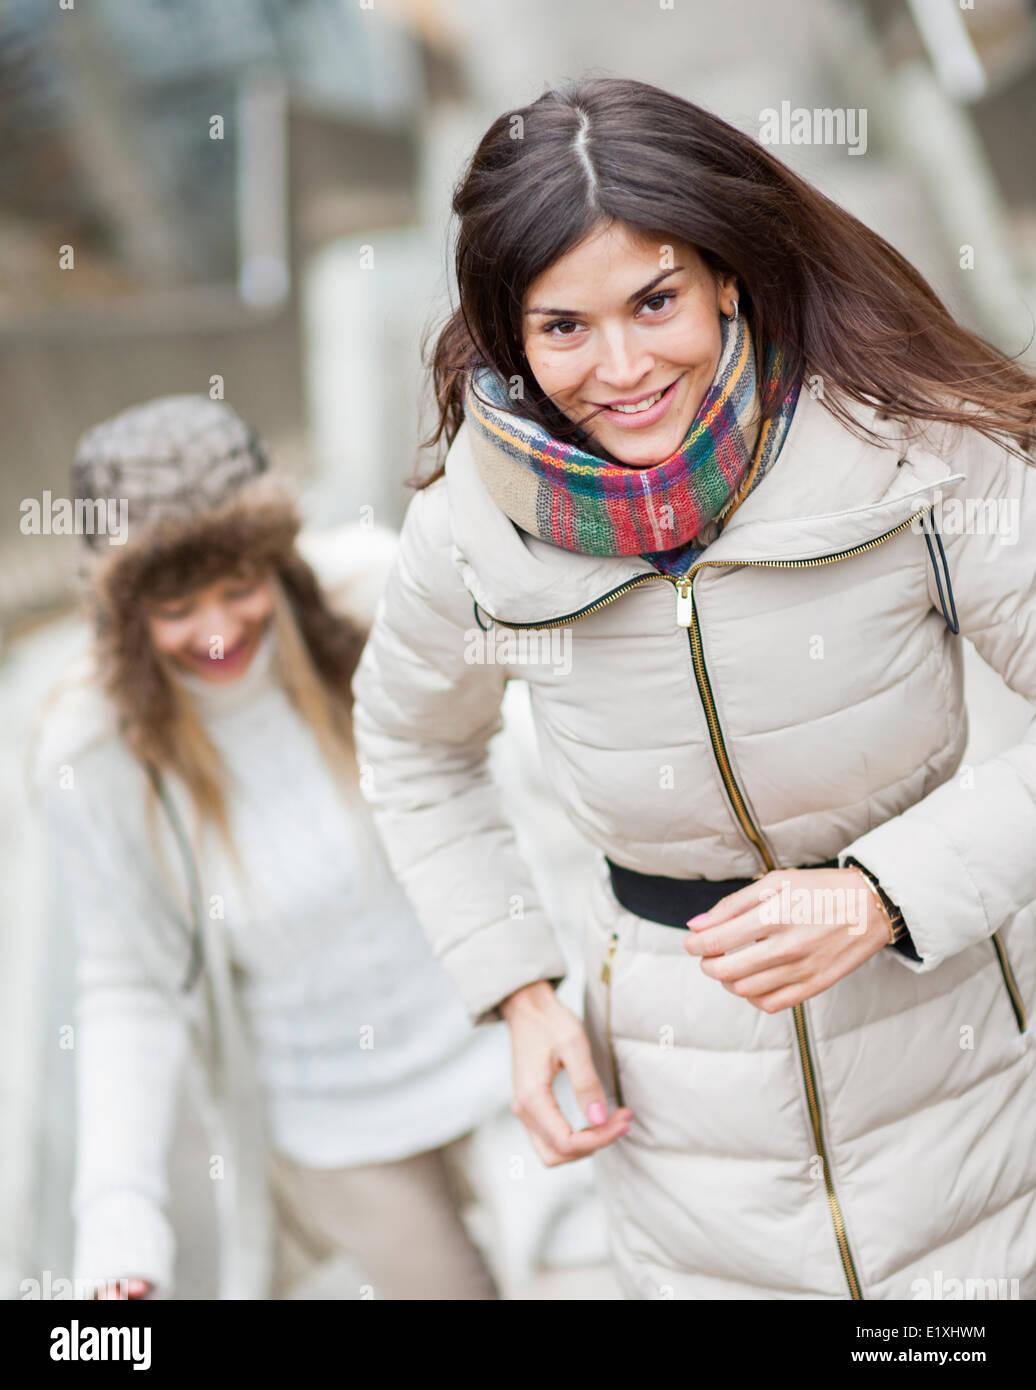 Lächelnde junge Frau Treppensteigen mit Freund im freien Stockbild